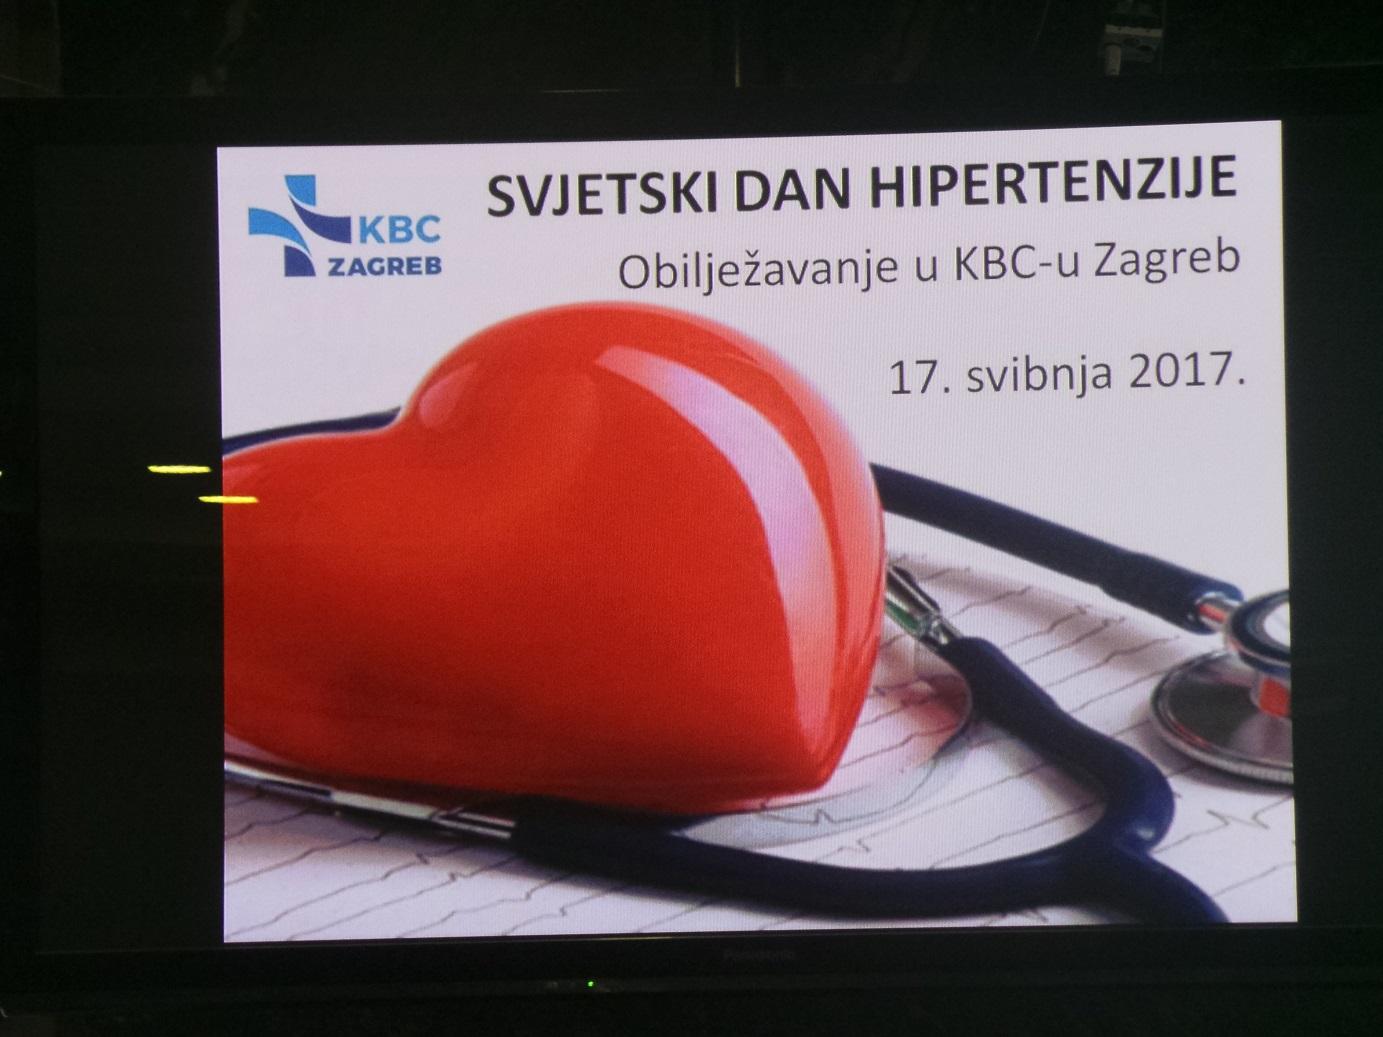 hipertenzija medicinsko savjetovanje